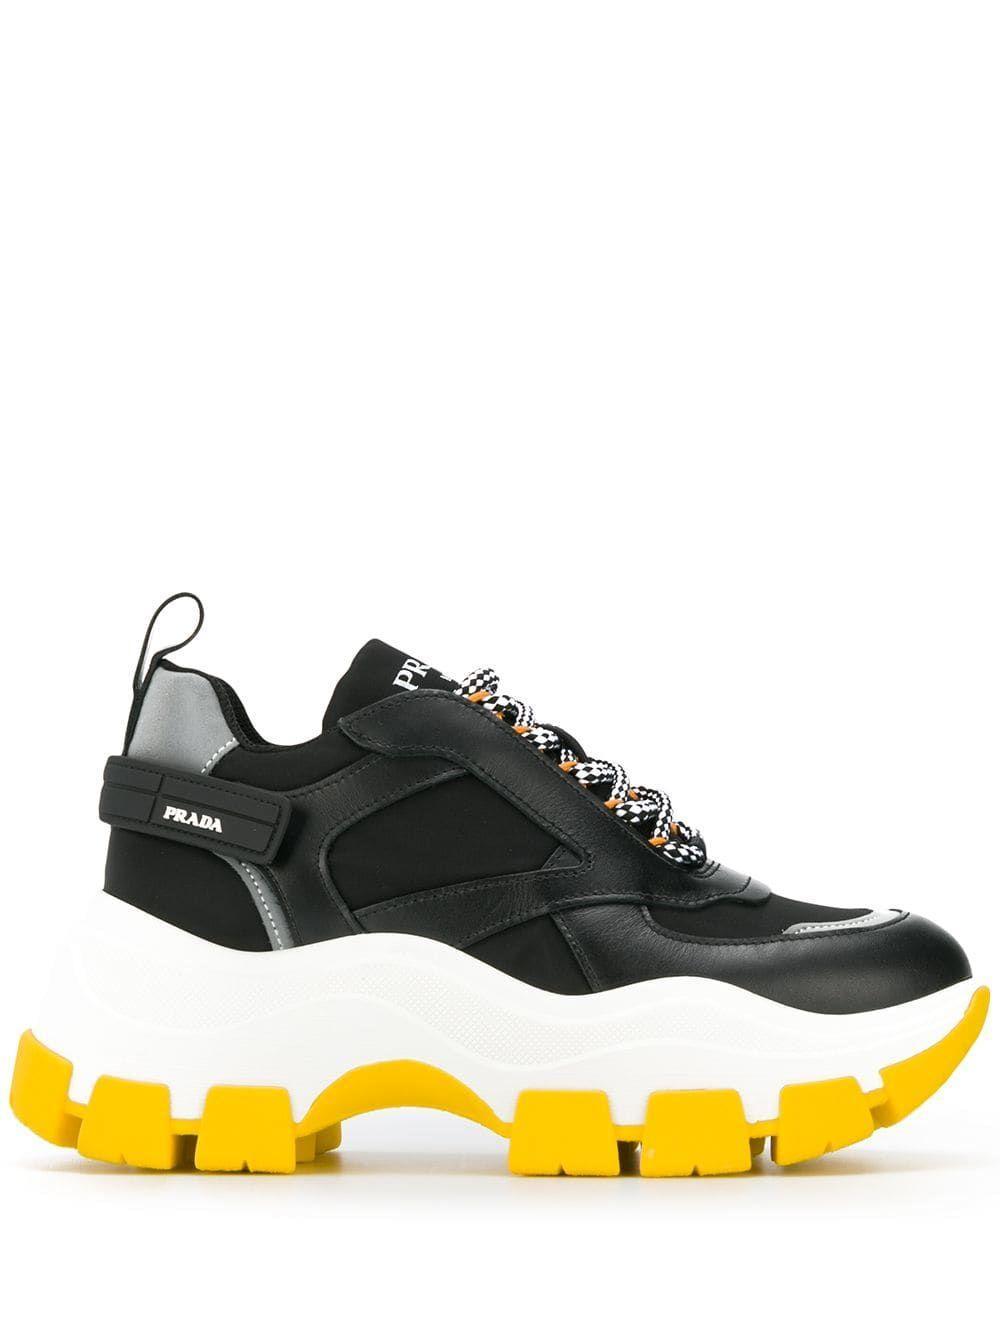 Prada Pegasus Leather Sneakers in Black